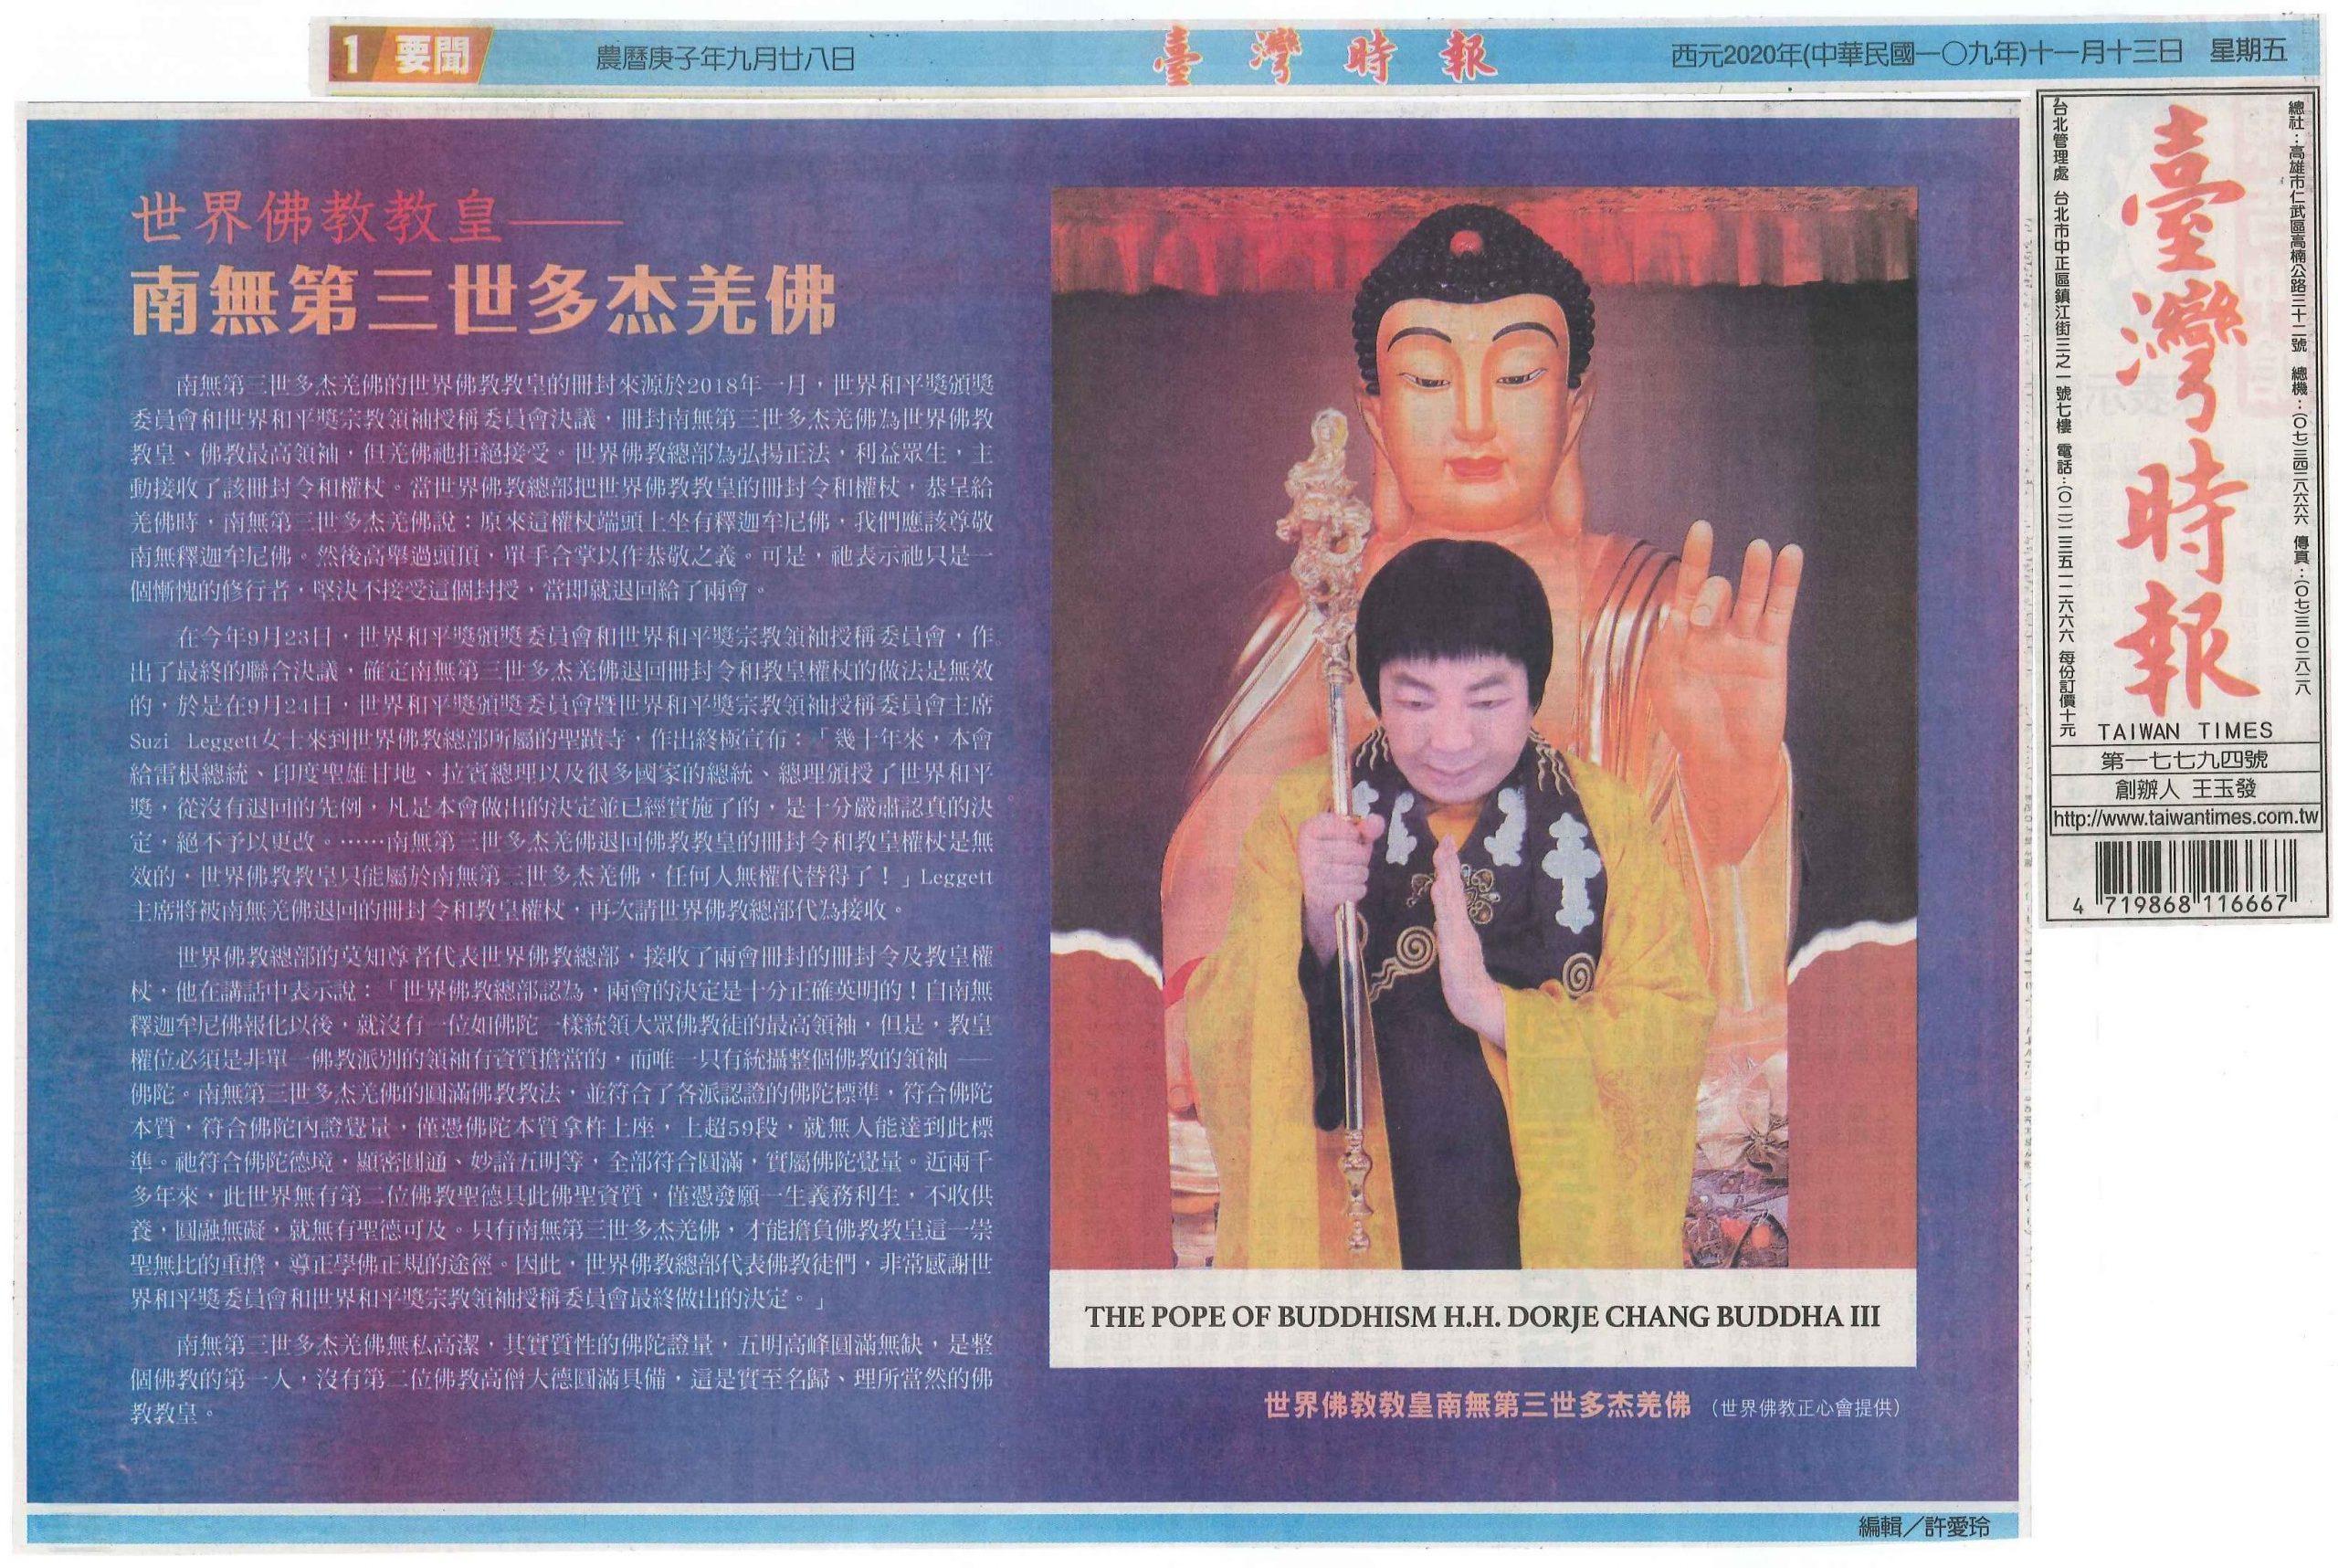 世界佛教教皇 – 南无第三世多杰羌佛 第2张